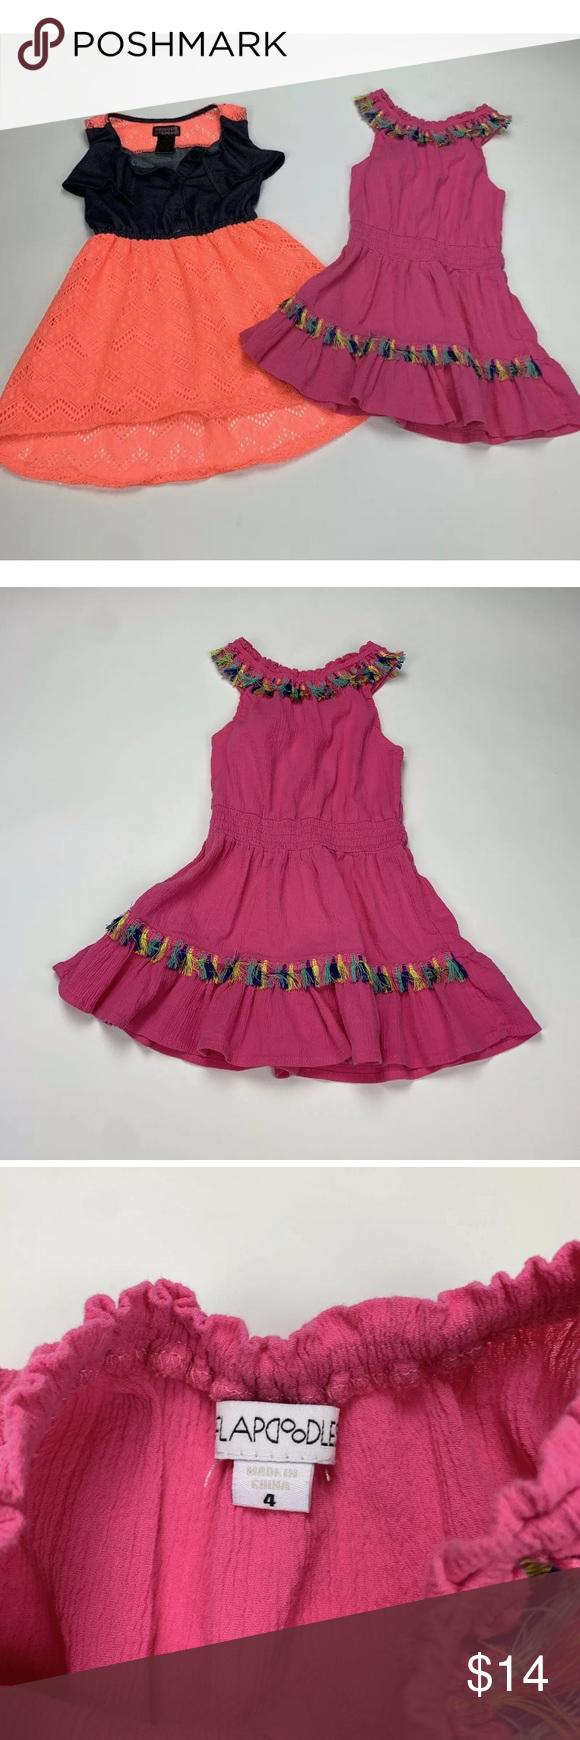 Toddler Girl Summer Dresses Bundle Toddler Girl Size 4t 4 Summer Dresses Pink Flapdoodles Sl Toddler Girl Dresses Summer Girls Dresses Summer Summer Dresses [ 1740 x 580 Pixel ]